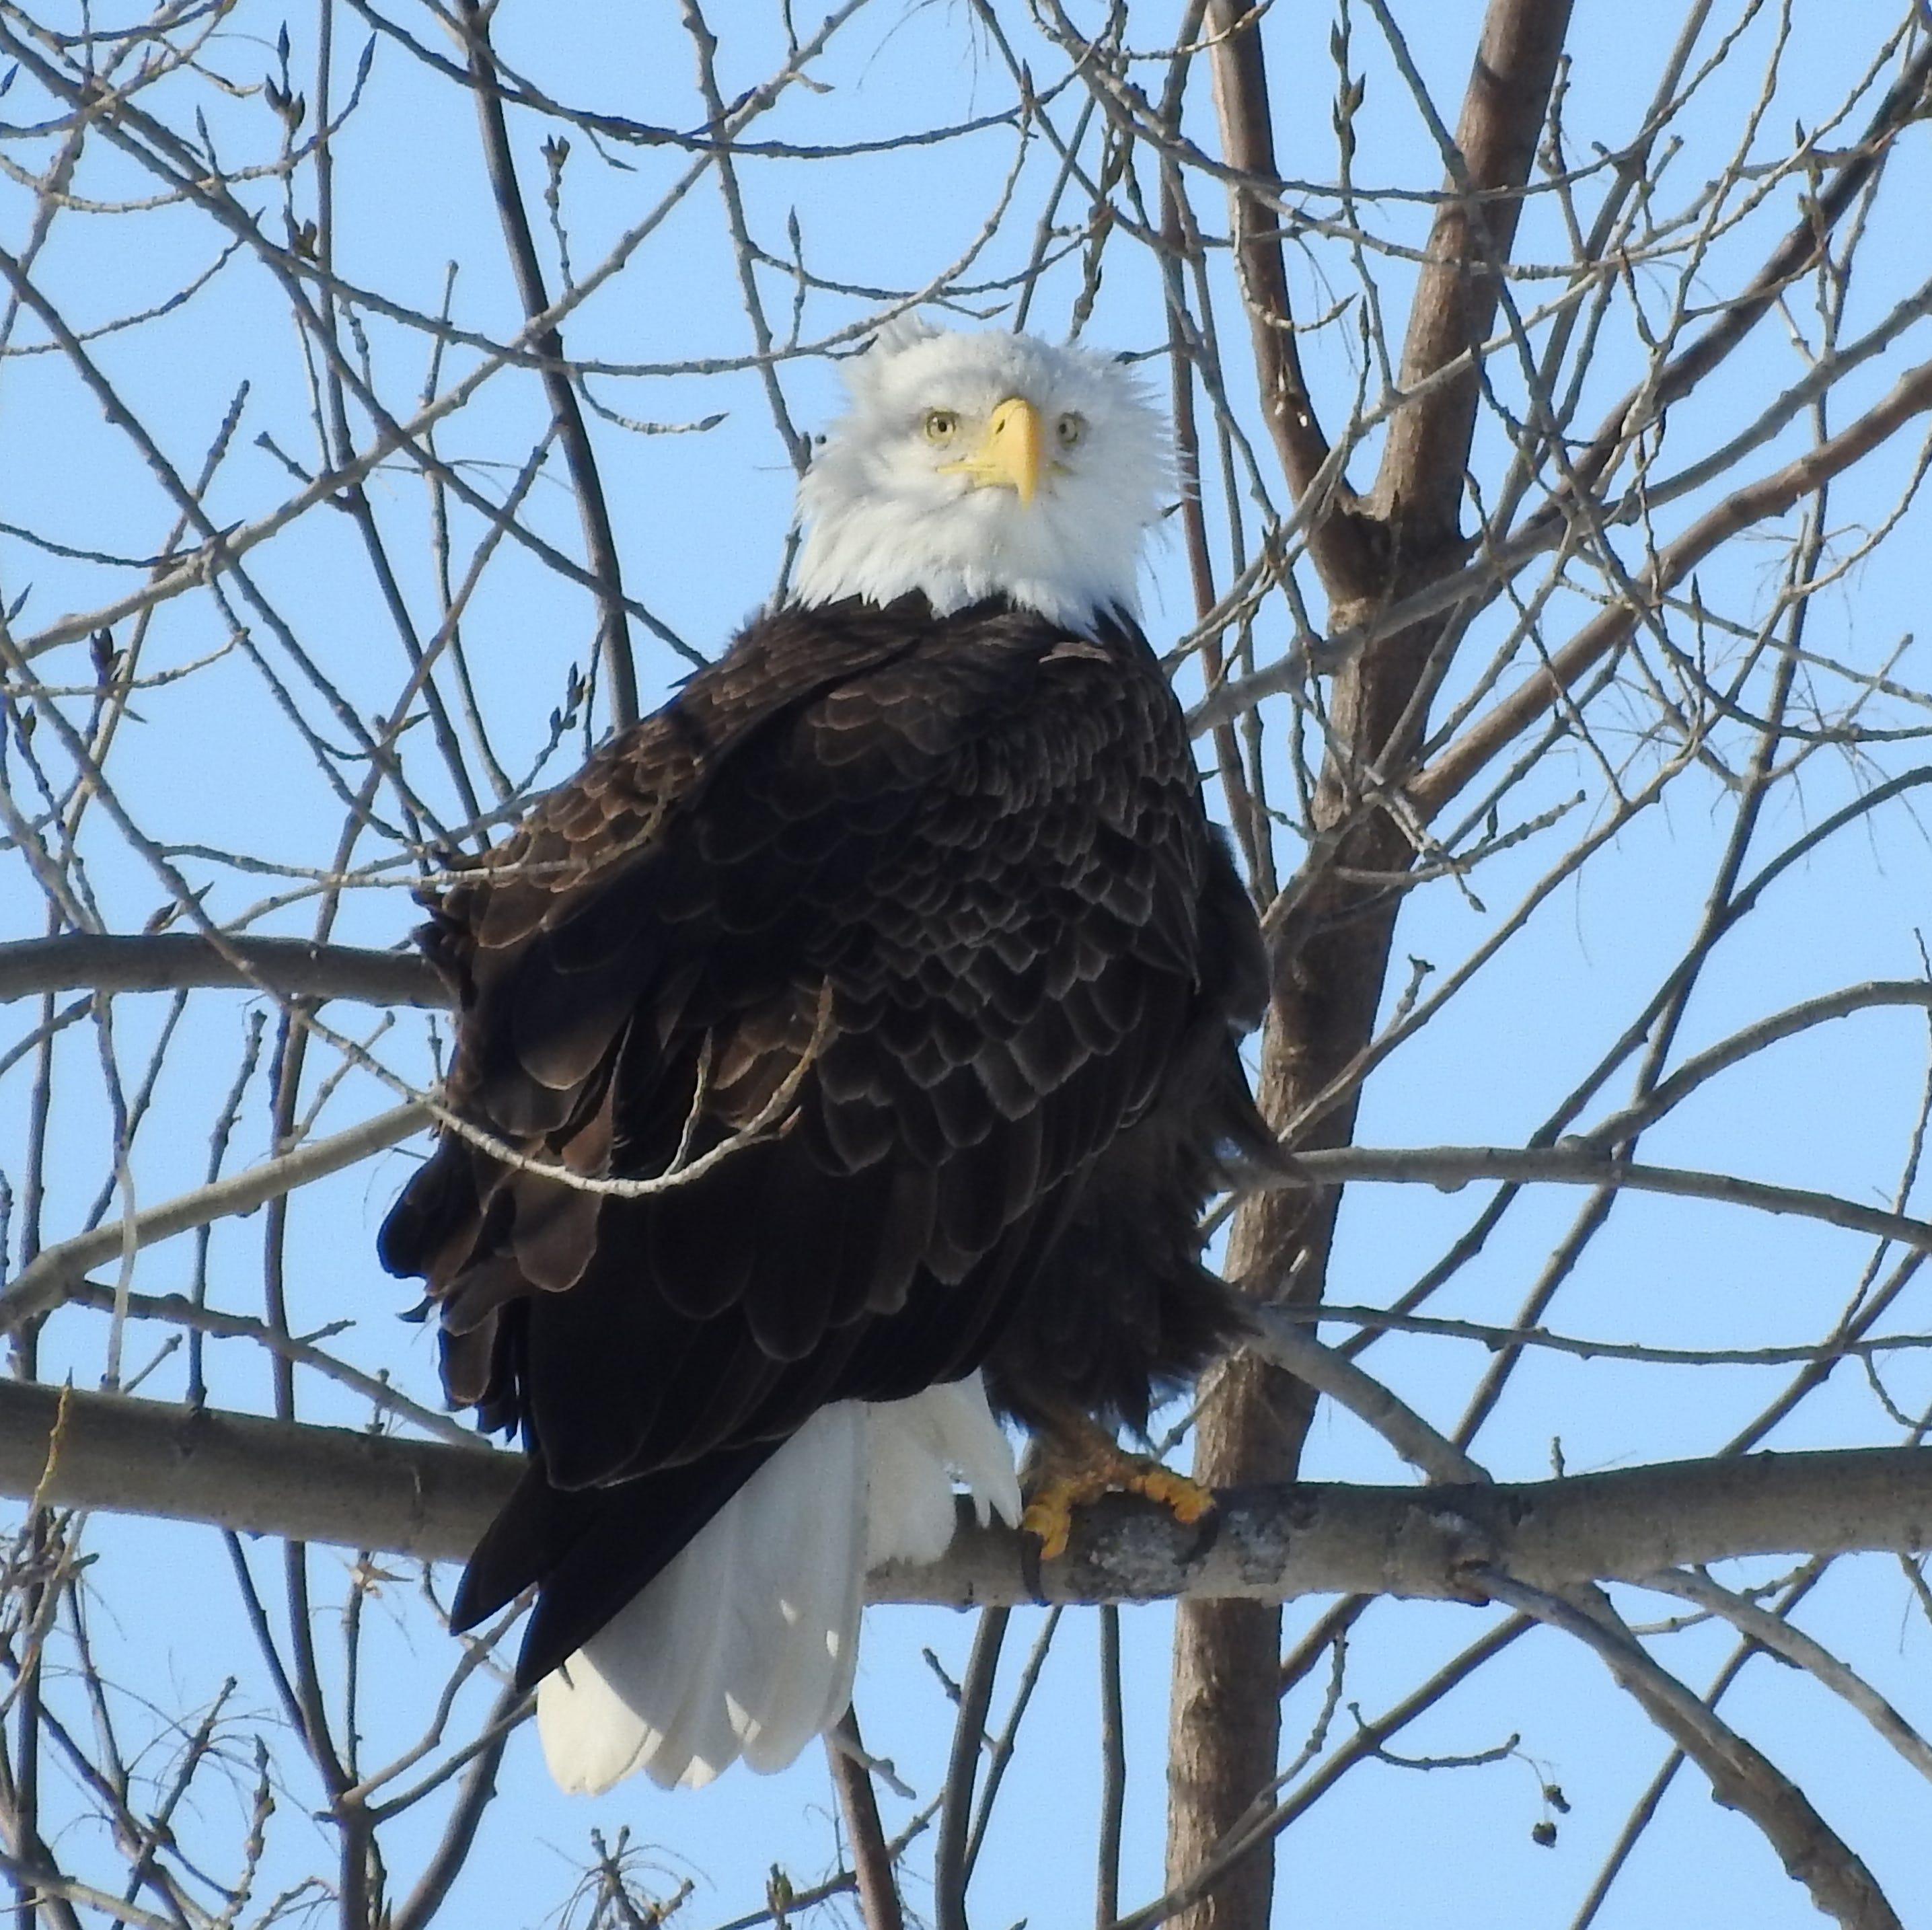 Bald eagle spotted in Murfreesboro near Stones River